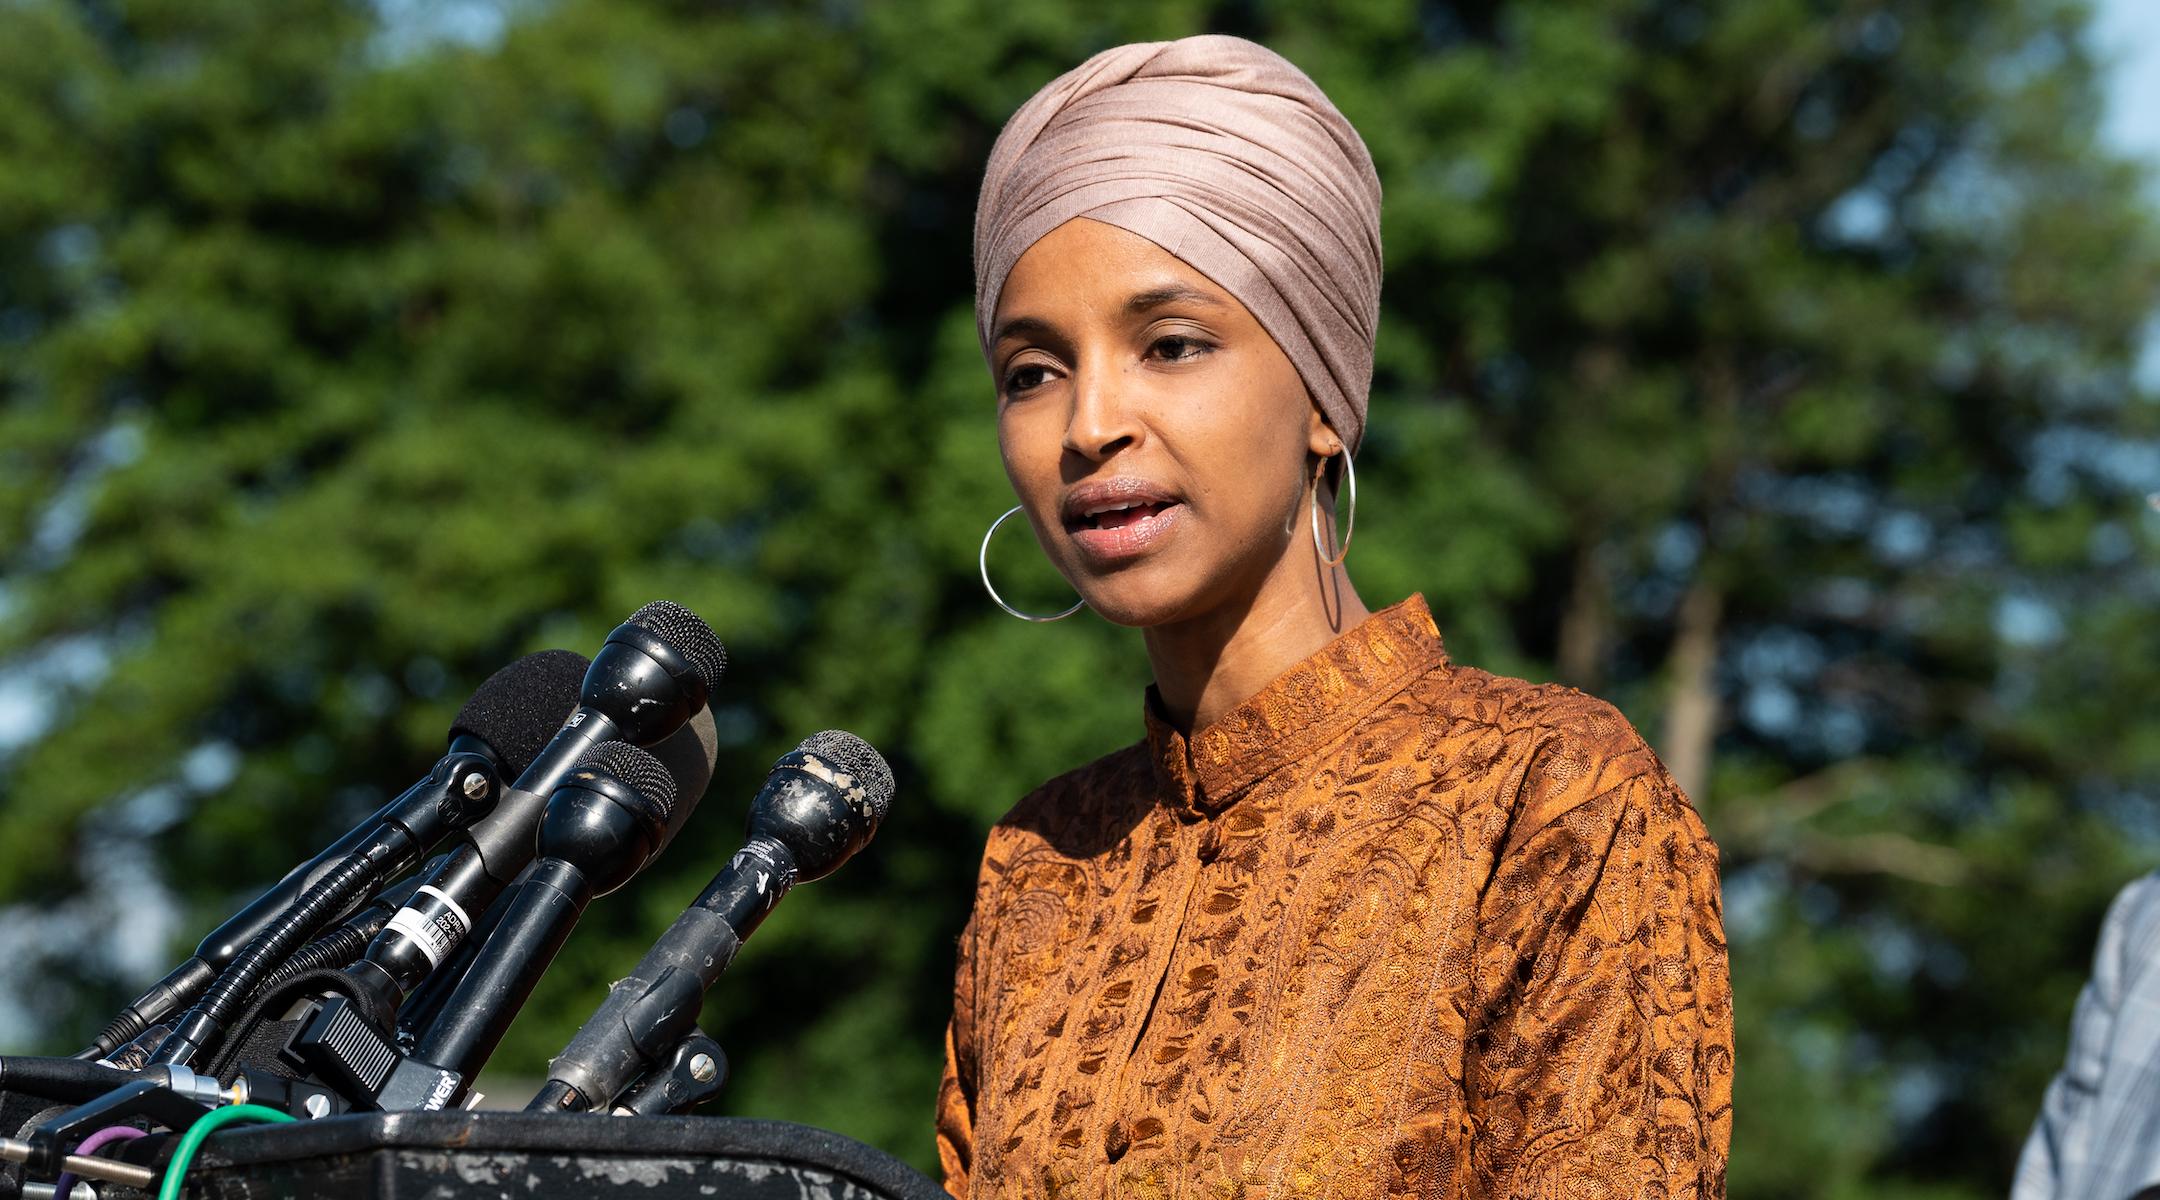 Omar szerint Amerika akár meg is vonhatná támogatását Izraeltől a kitiltások miatt